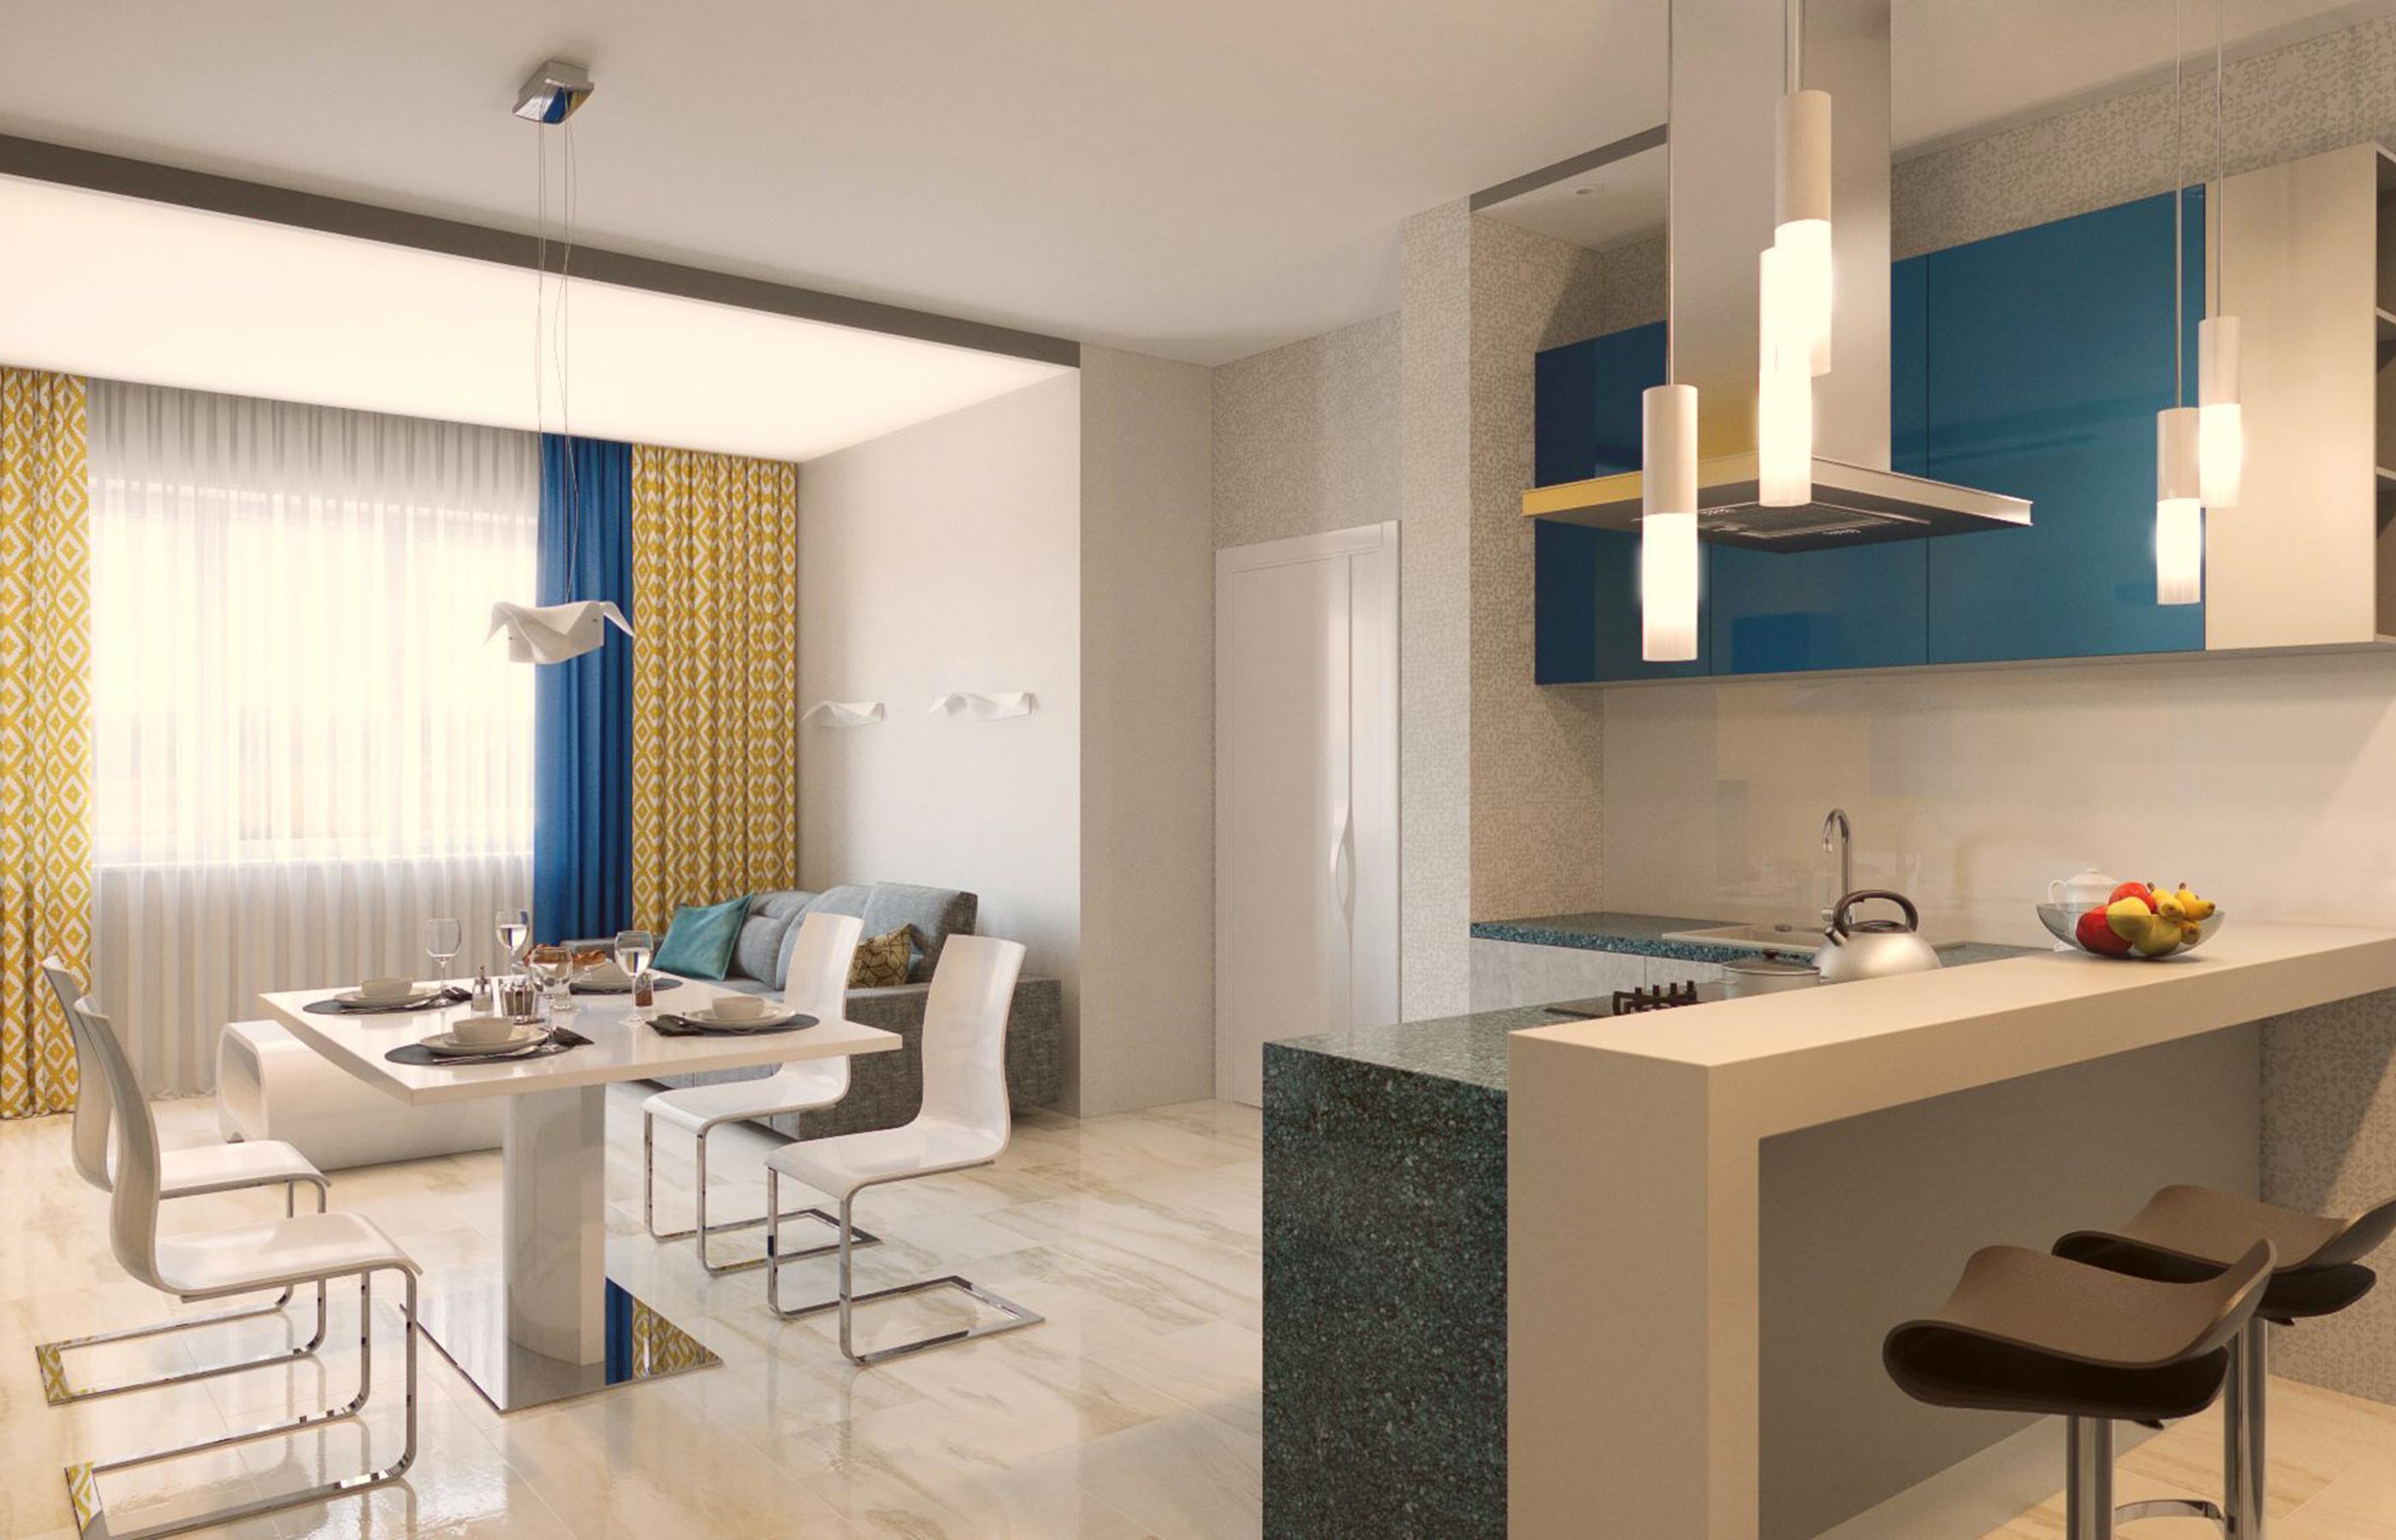 Проект дизайна интерьера объединенной кухни-гостиной